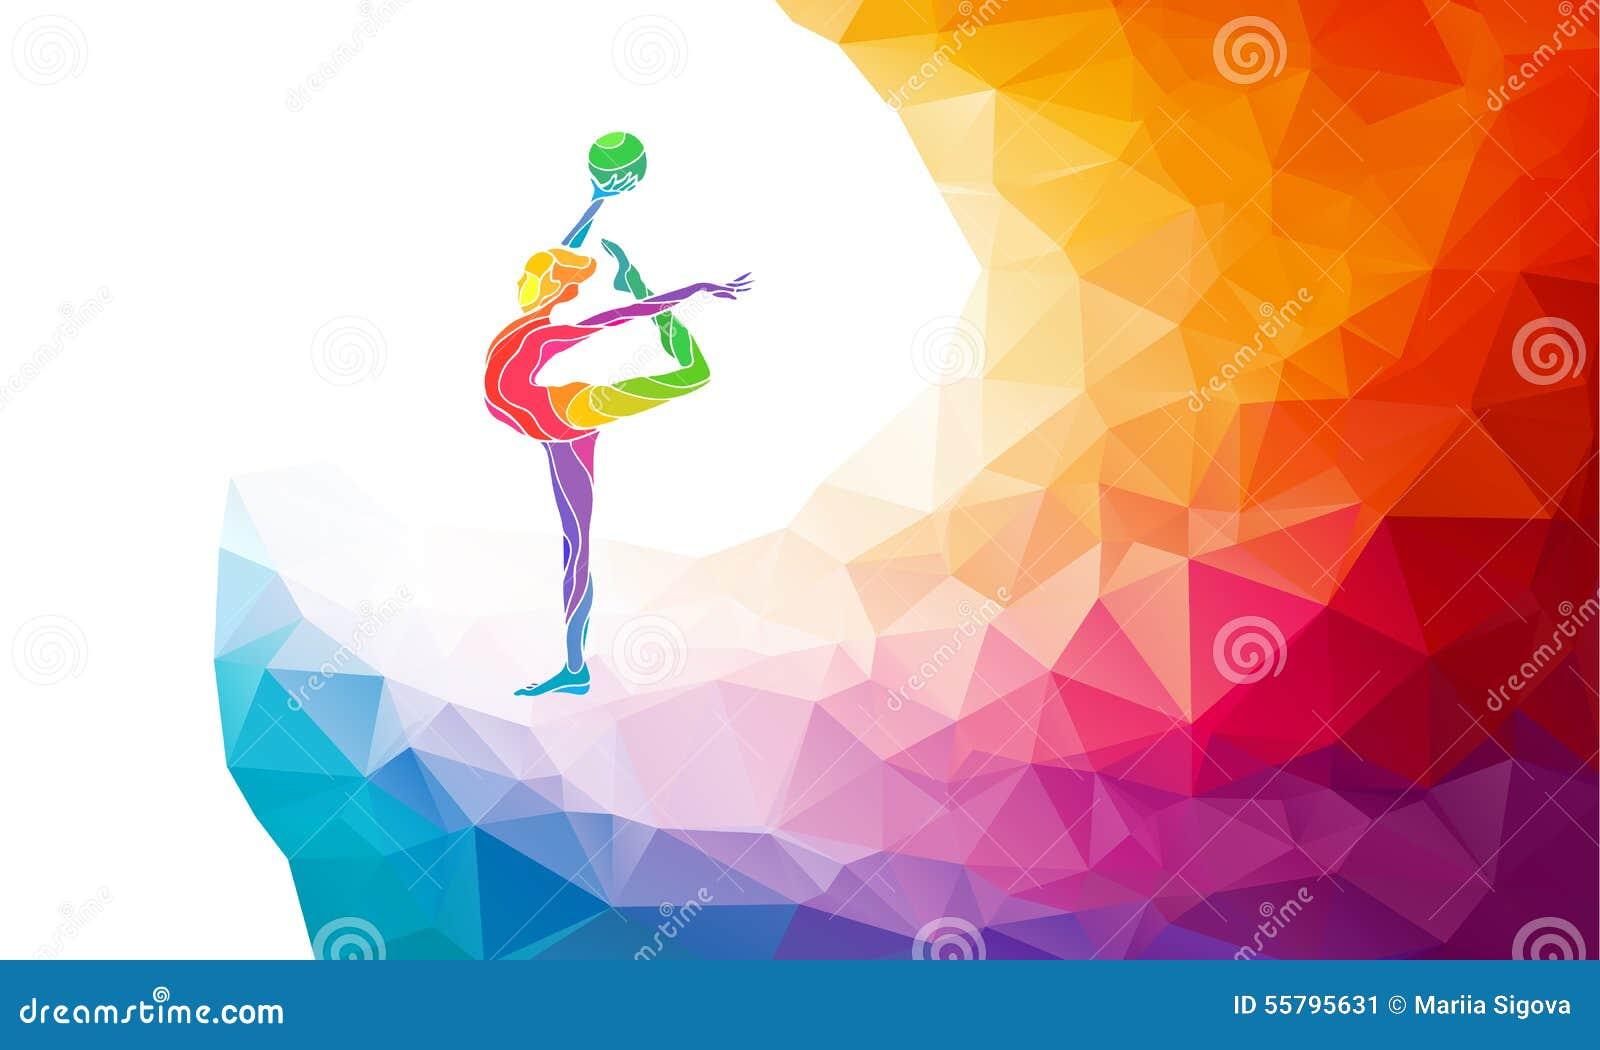 Kreatywnie sylwetka gimnastyczna dziewczyna sztuka